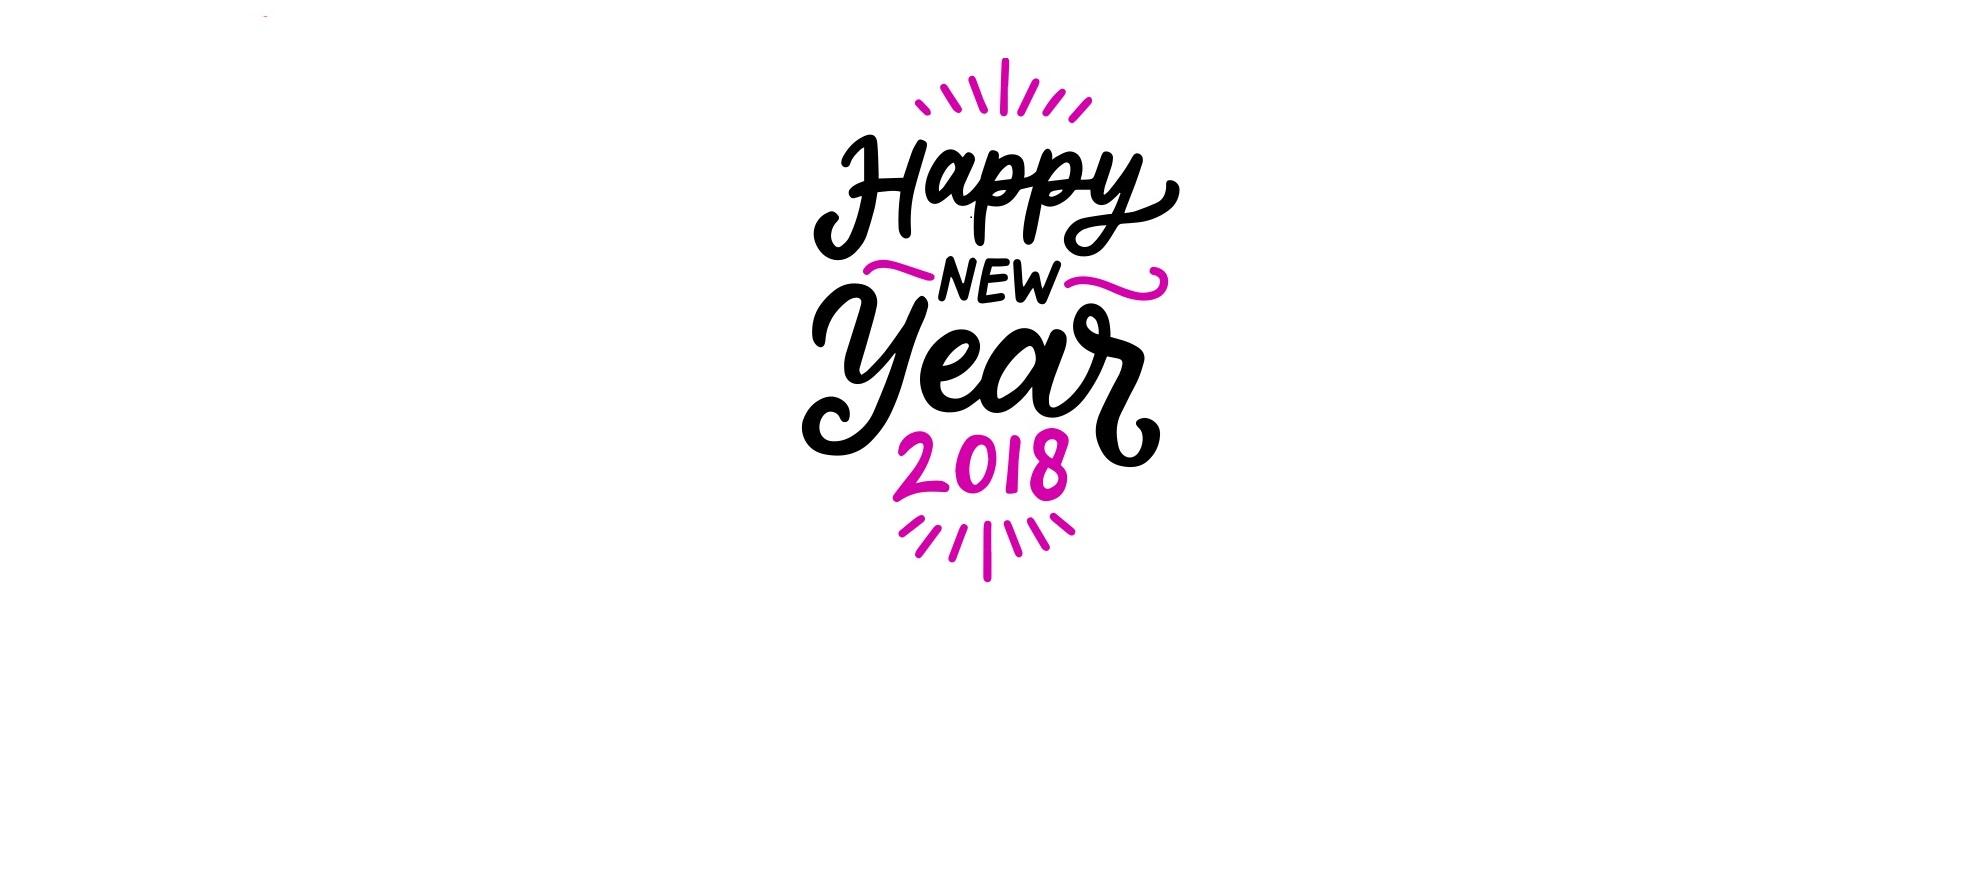 Goodbye 2017, hello 2018!